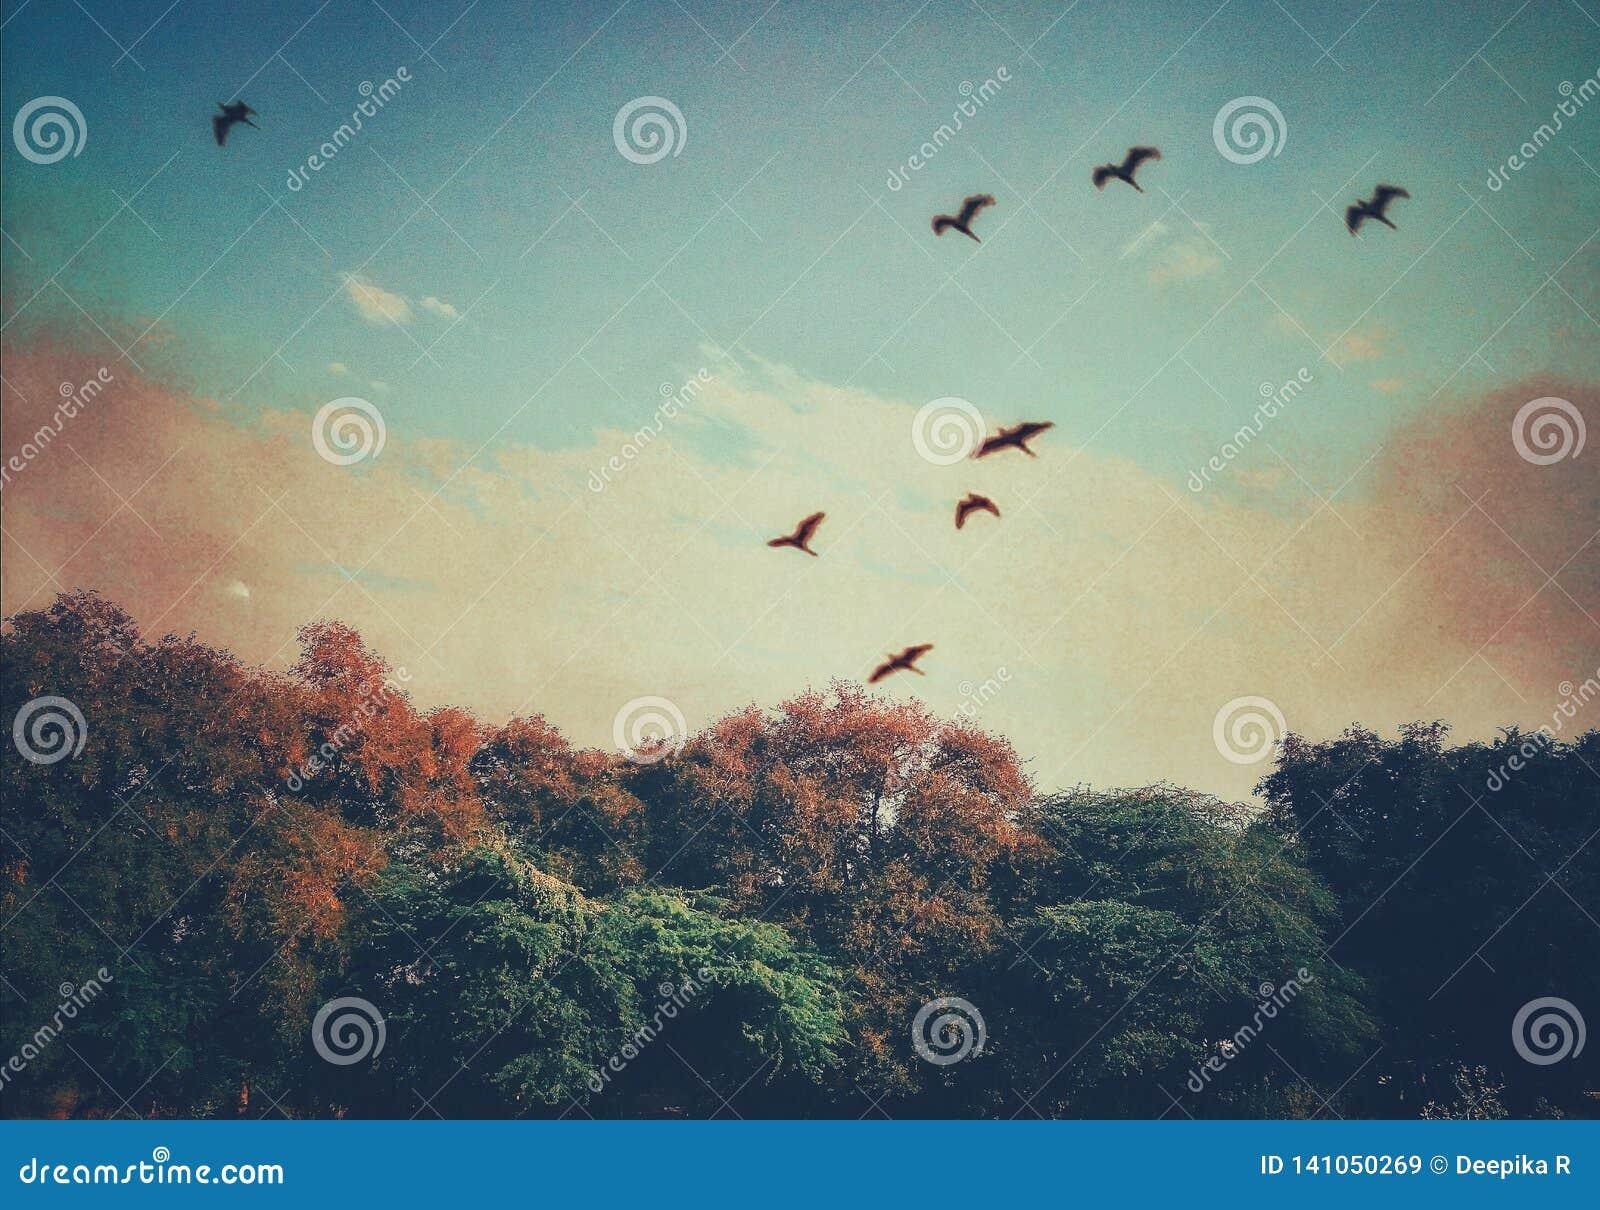 Eine schöne Landschaft der Landschaft mit einer ästhetischen Note